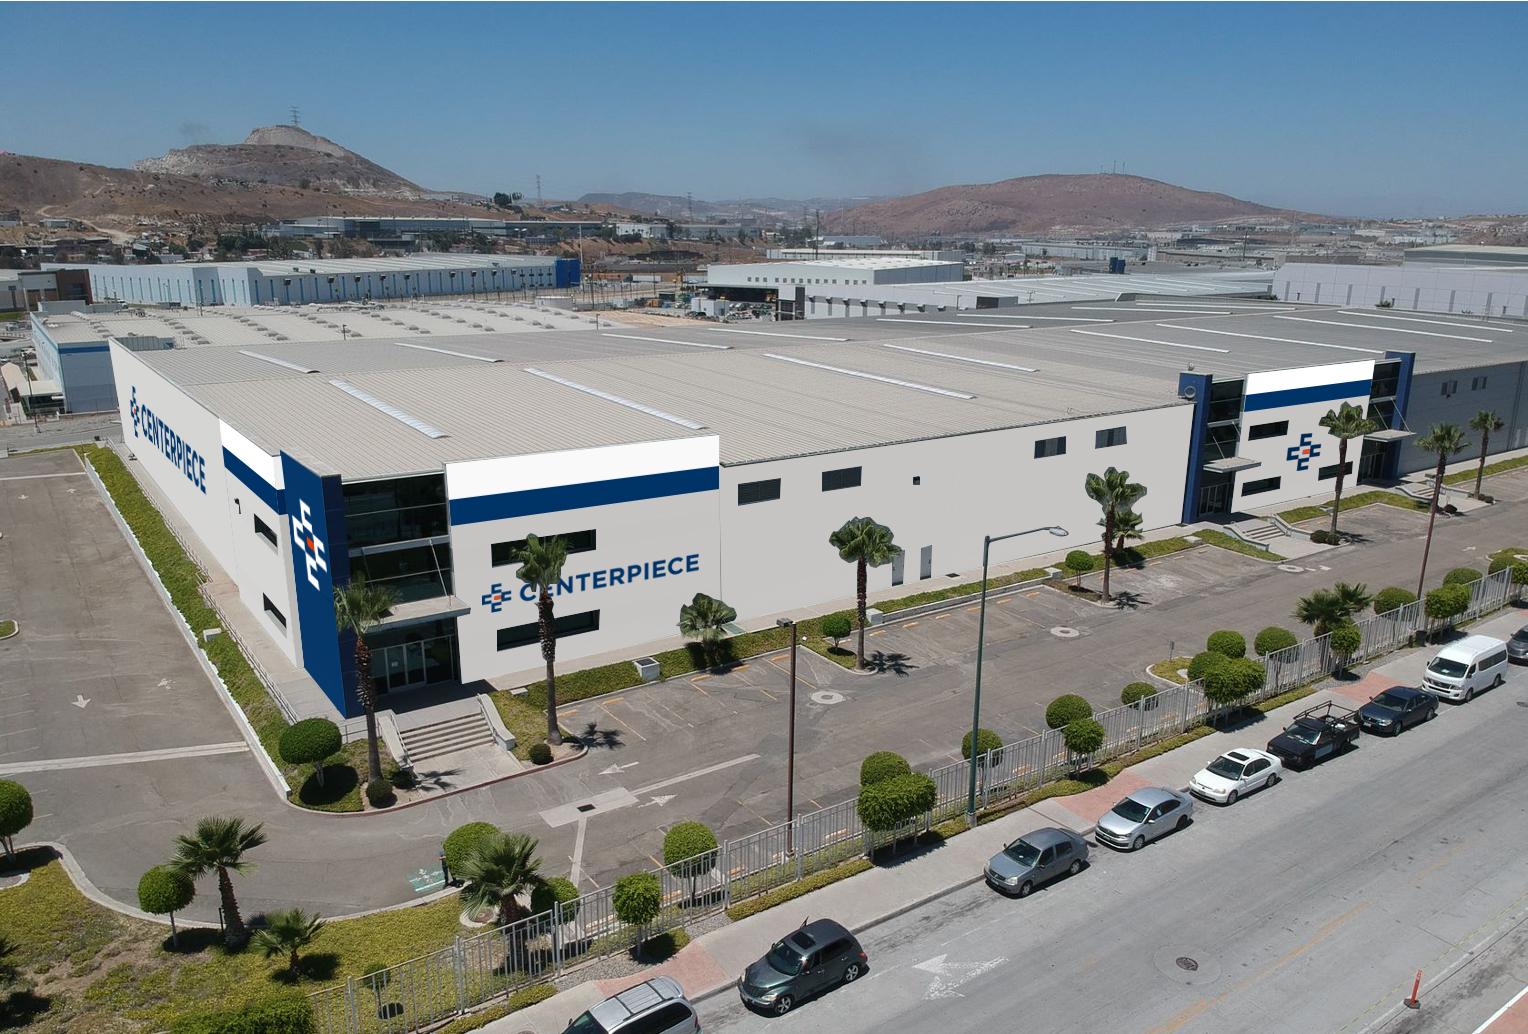 Centerpiece Tijuana Aerial NE Color